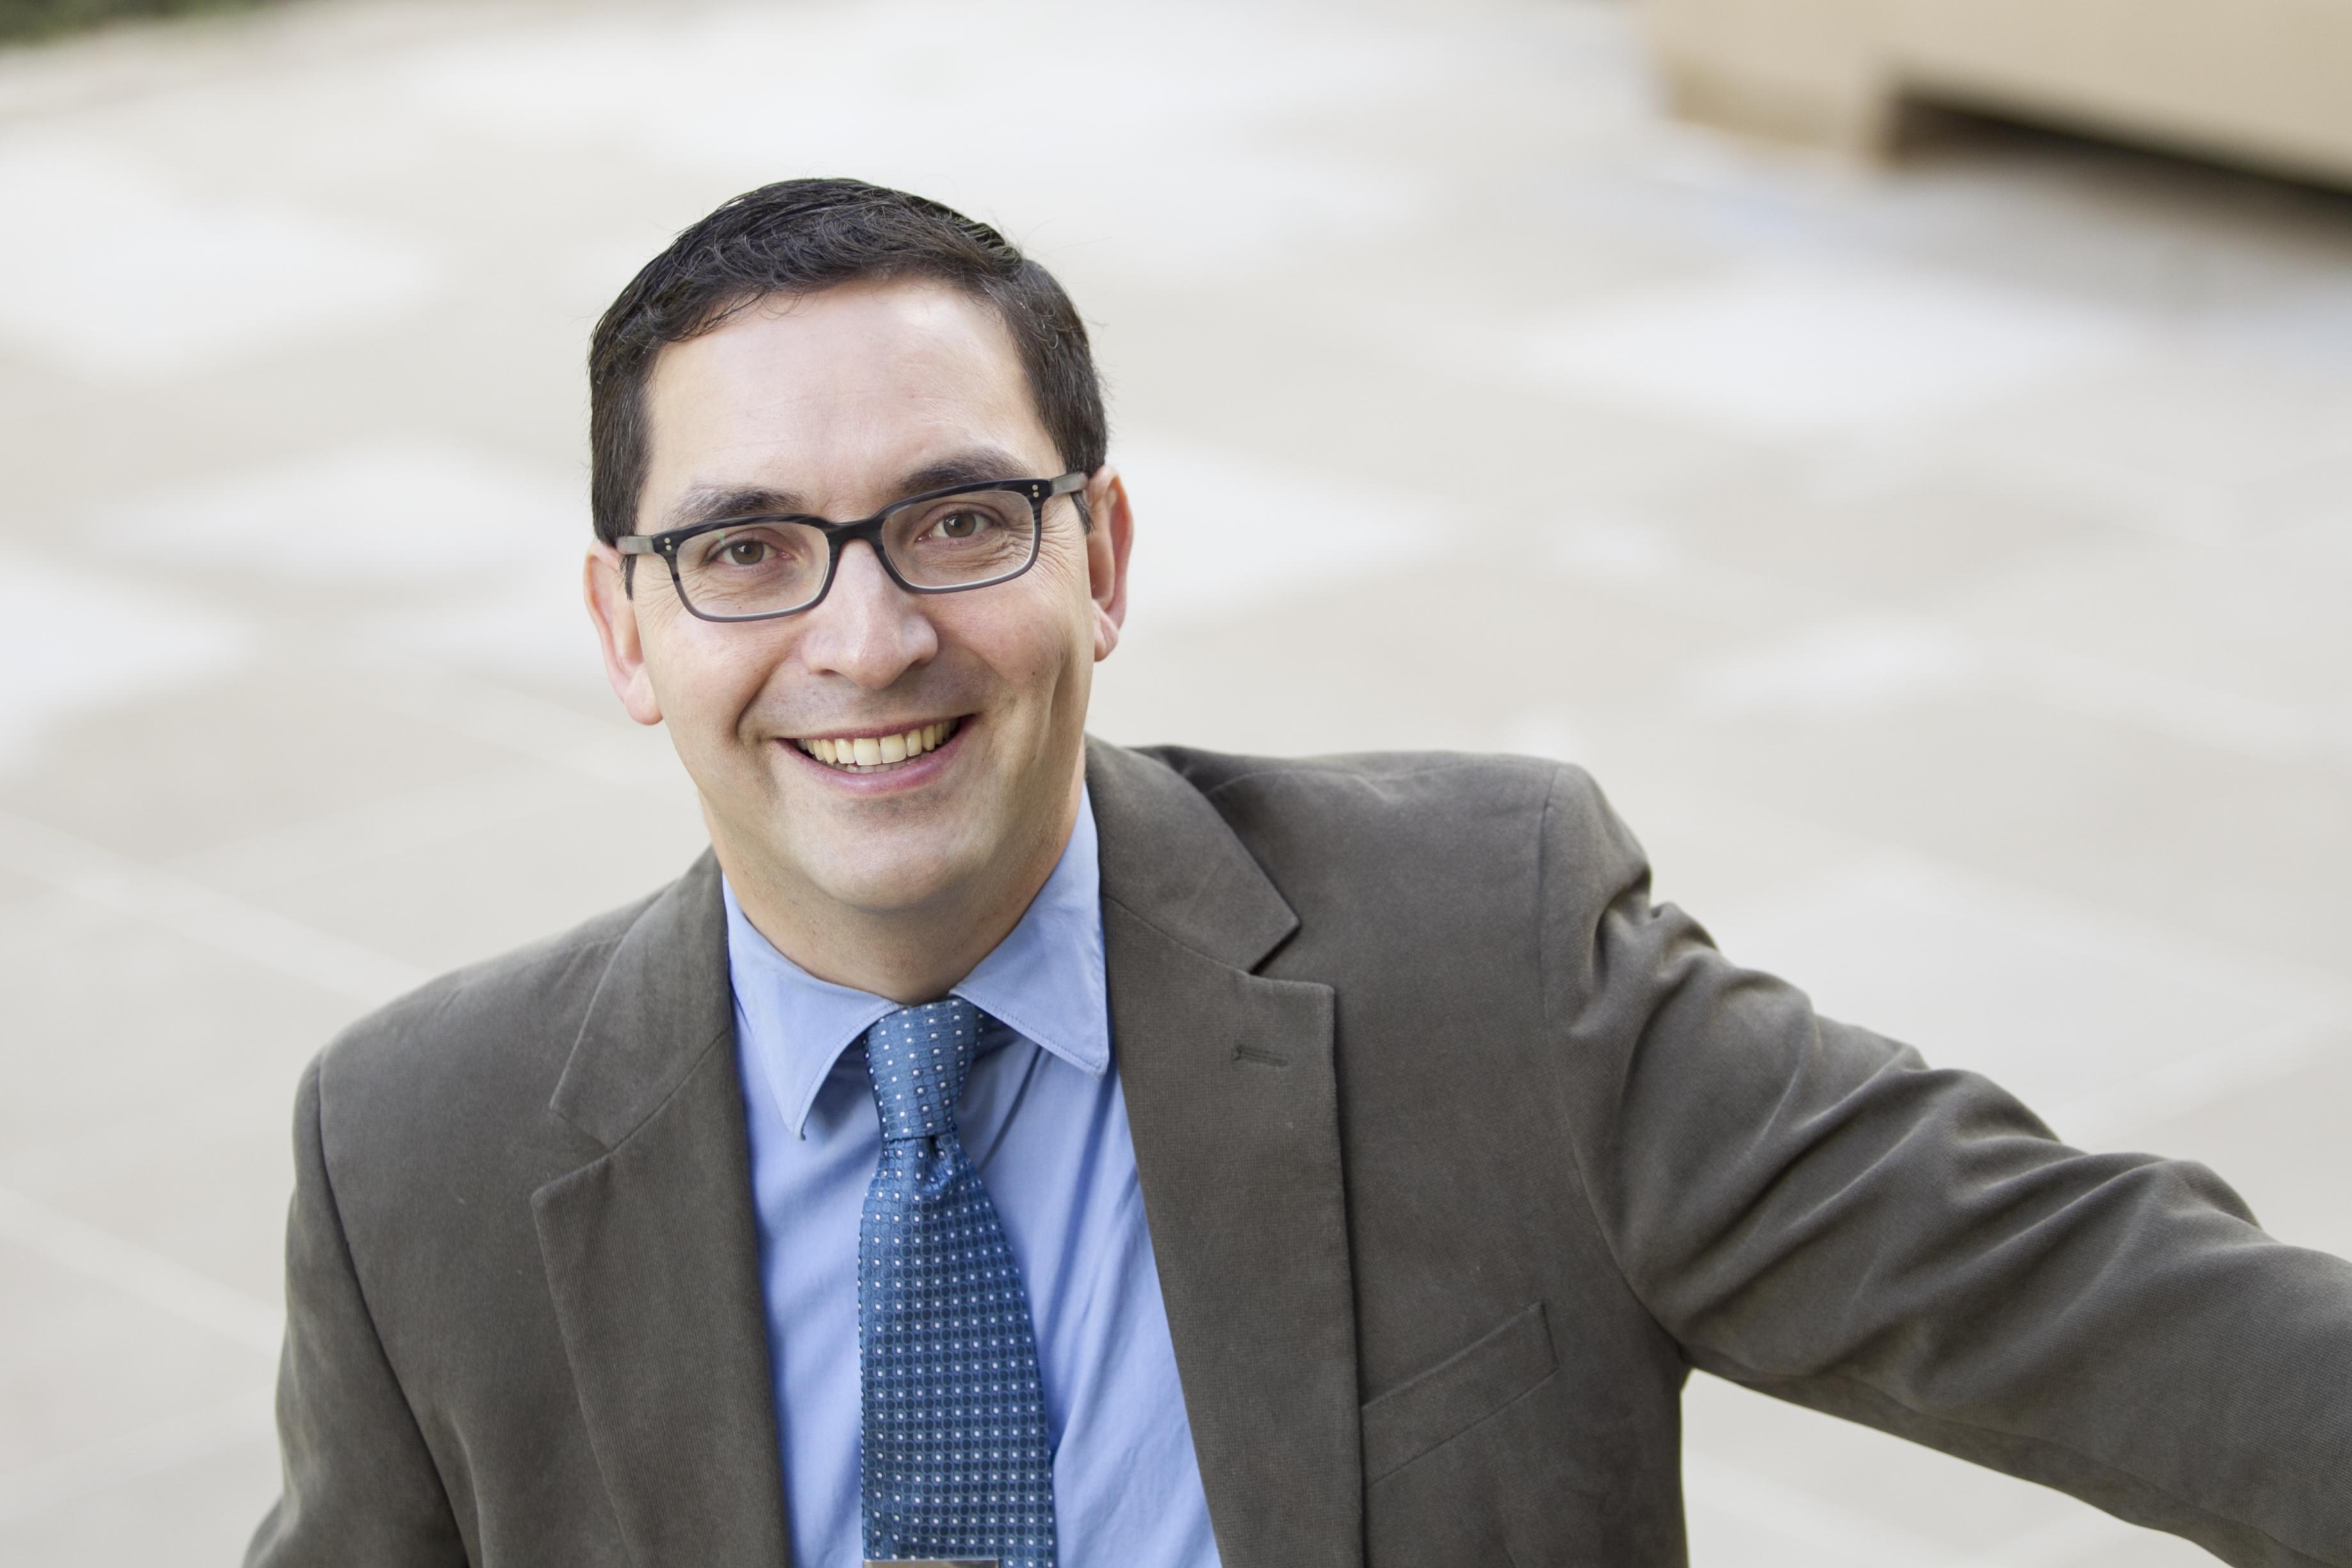 Geraldo L. Cadava. Photo courtesy of Marquette University.